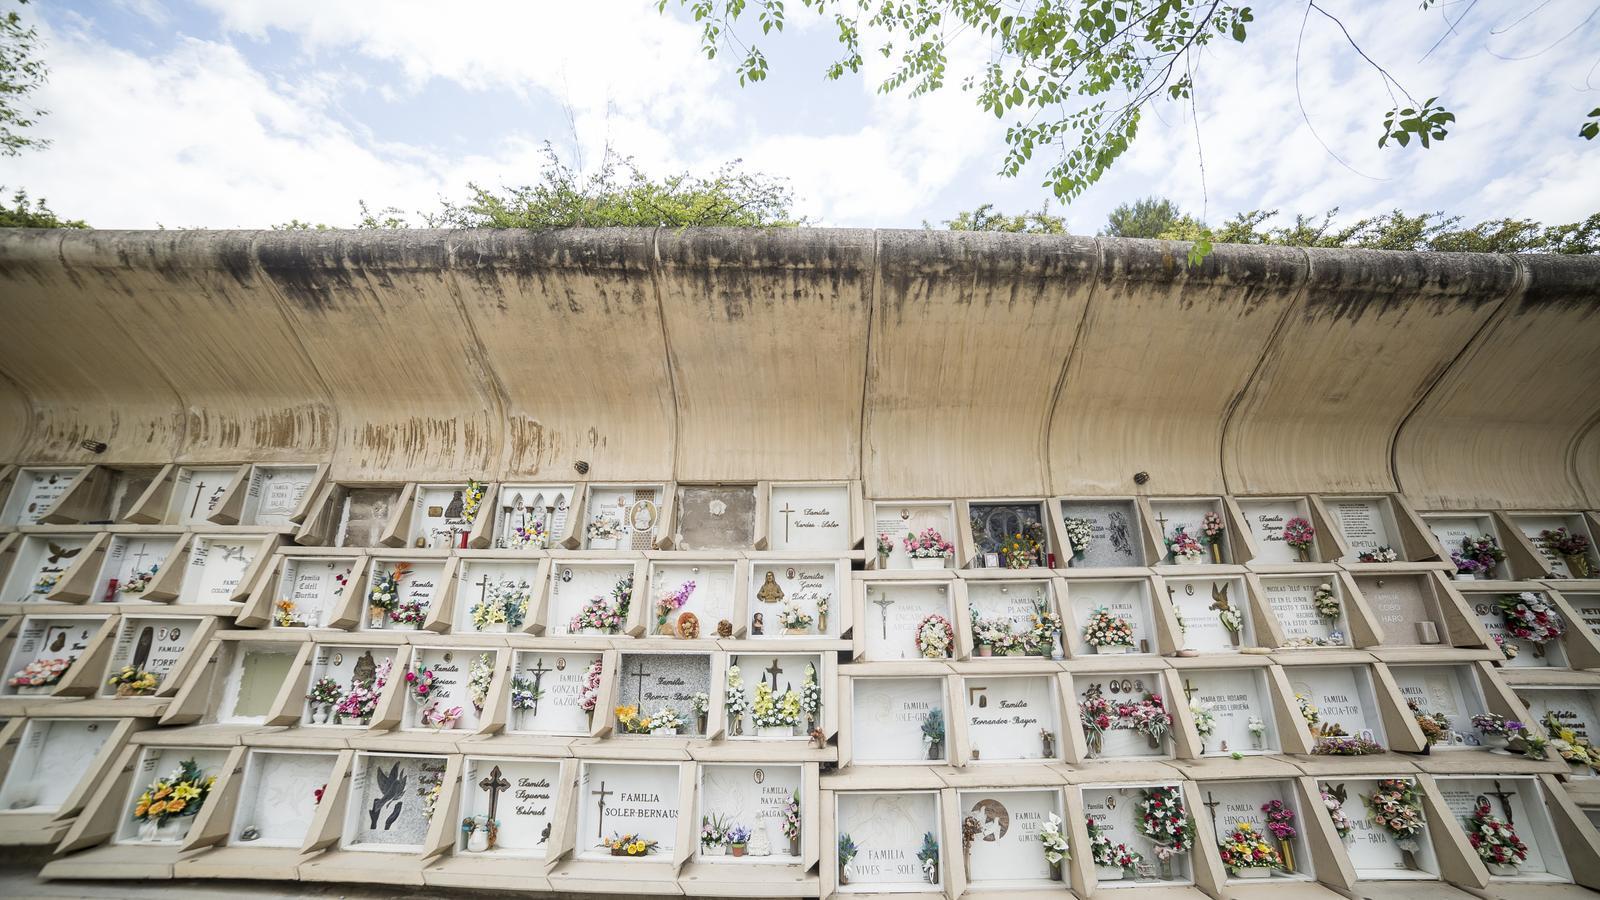 El cementiri d'Igualada, d'Enric Miralles i Carme Pinós / MARC ROVIRA